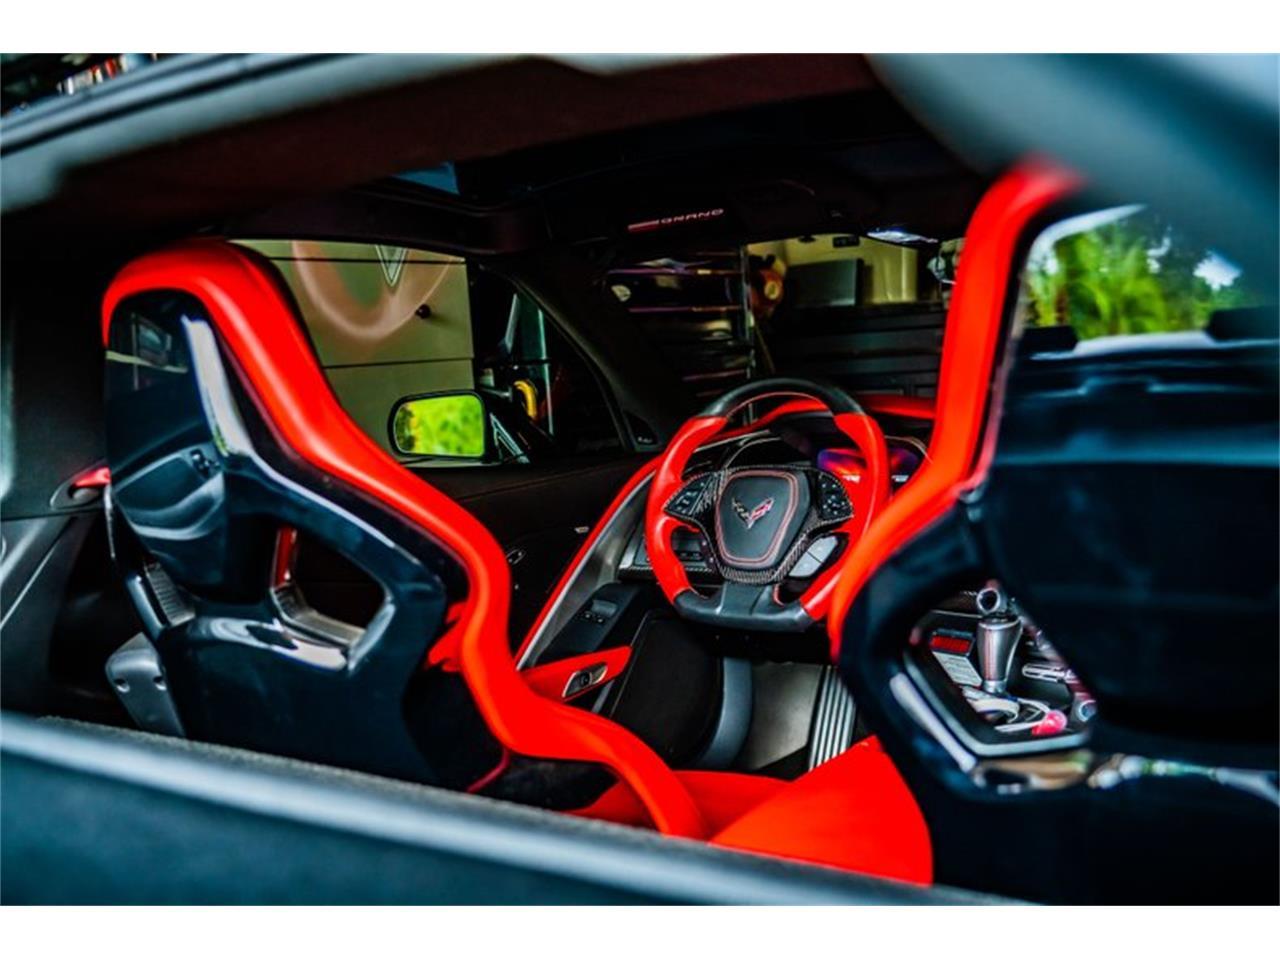 2017 Chevrolet Corvette (CC-1296822) for sale in Wallingford, Connecticut